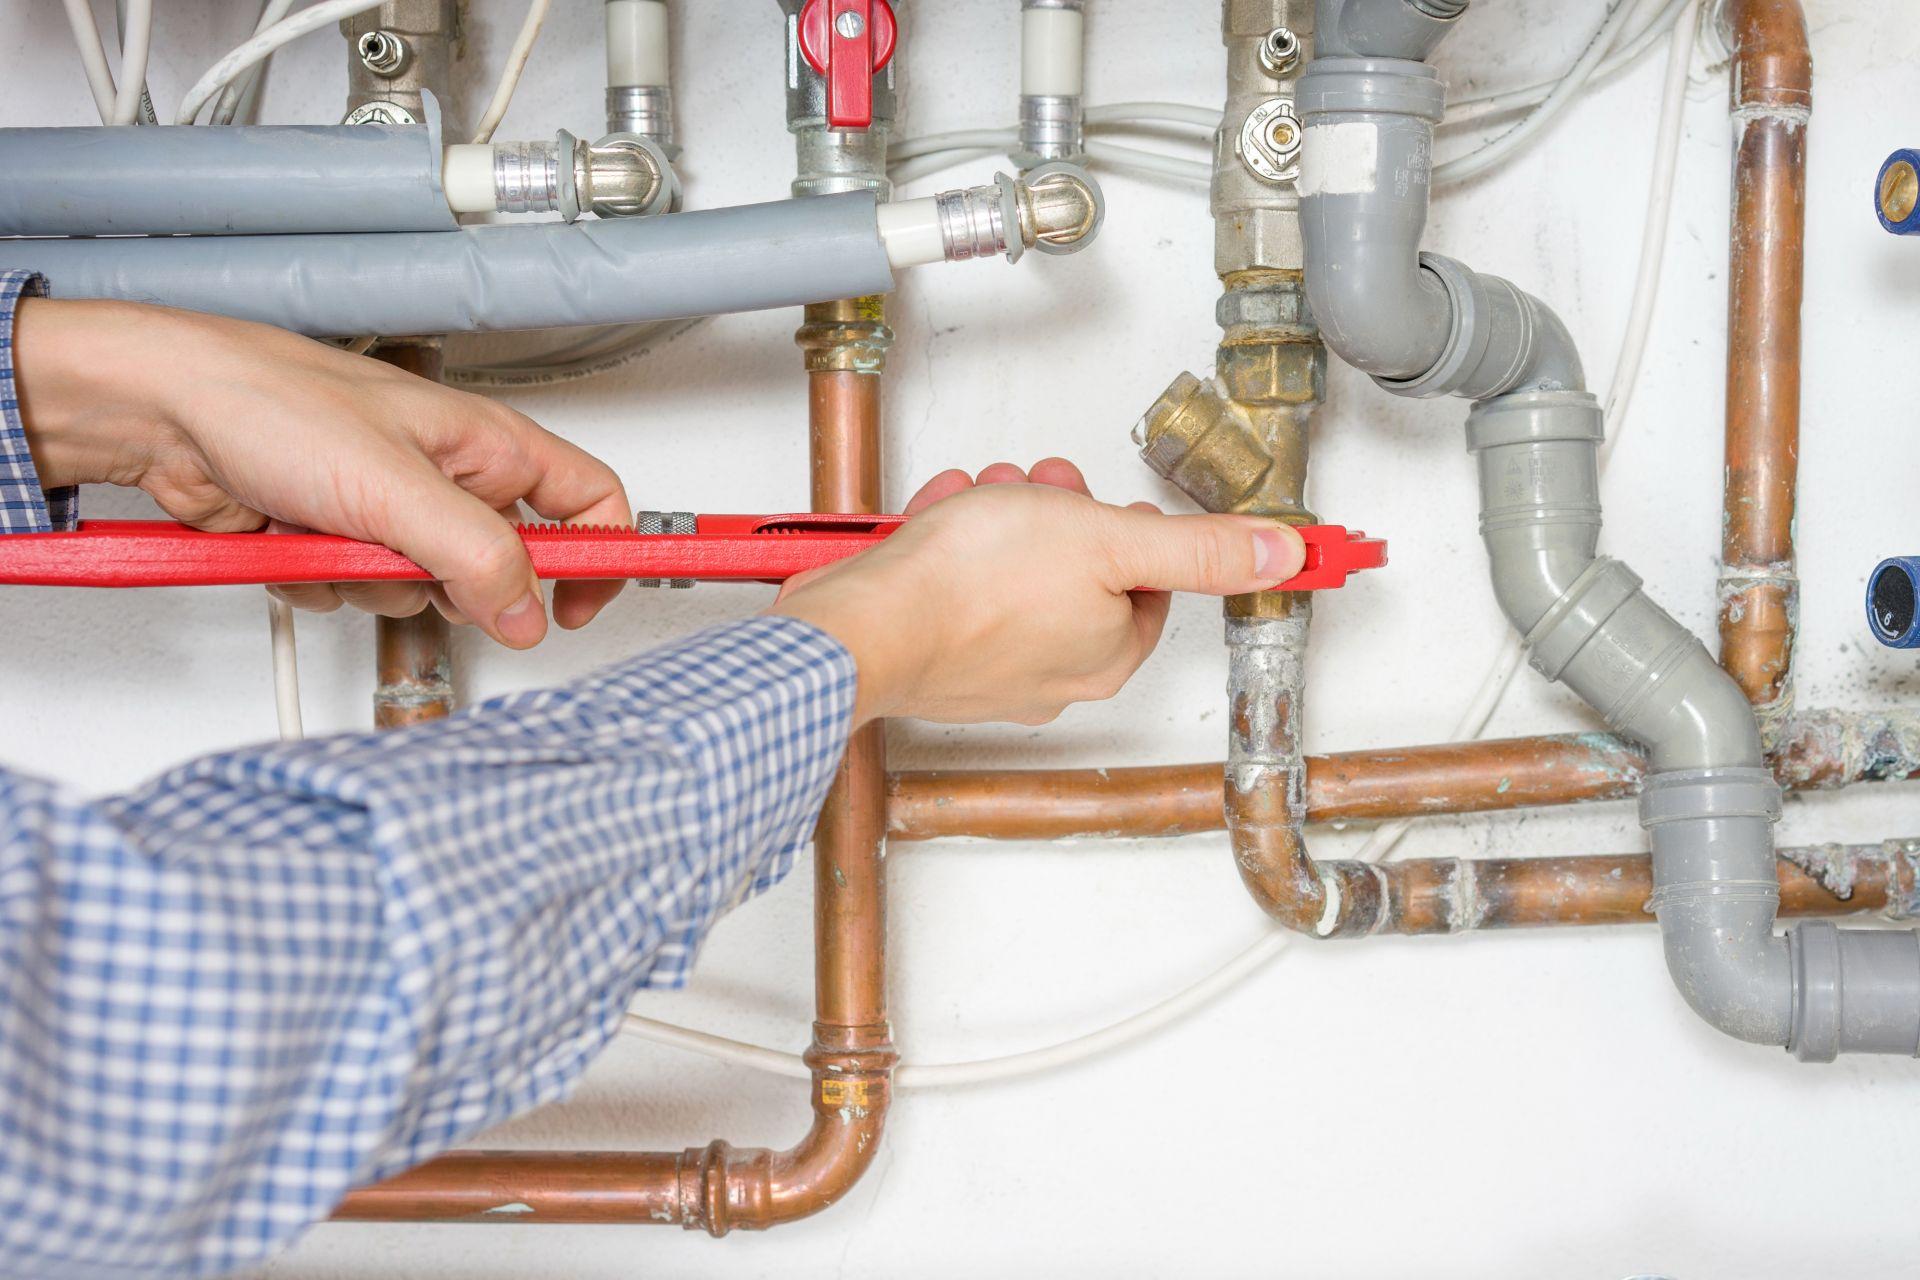 Instalacja Wodna I Kanalizacyjna W Domu